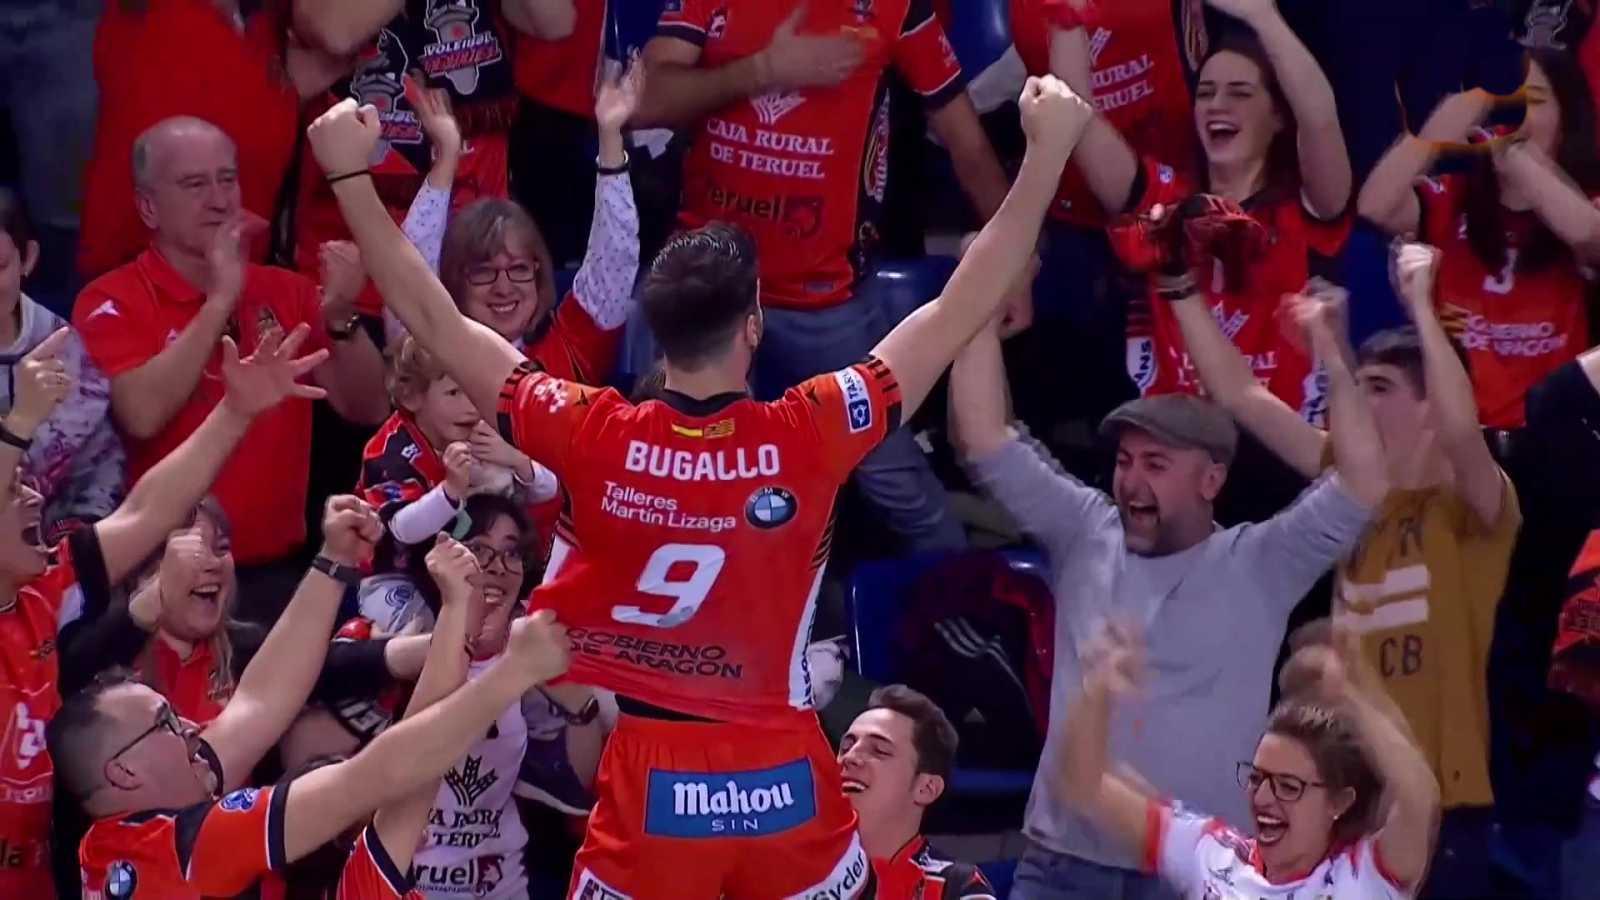 Voleibol - Actualidad Superliga masculina (I) - ver ahora